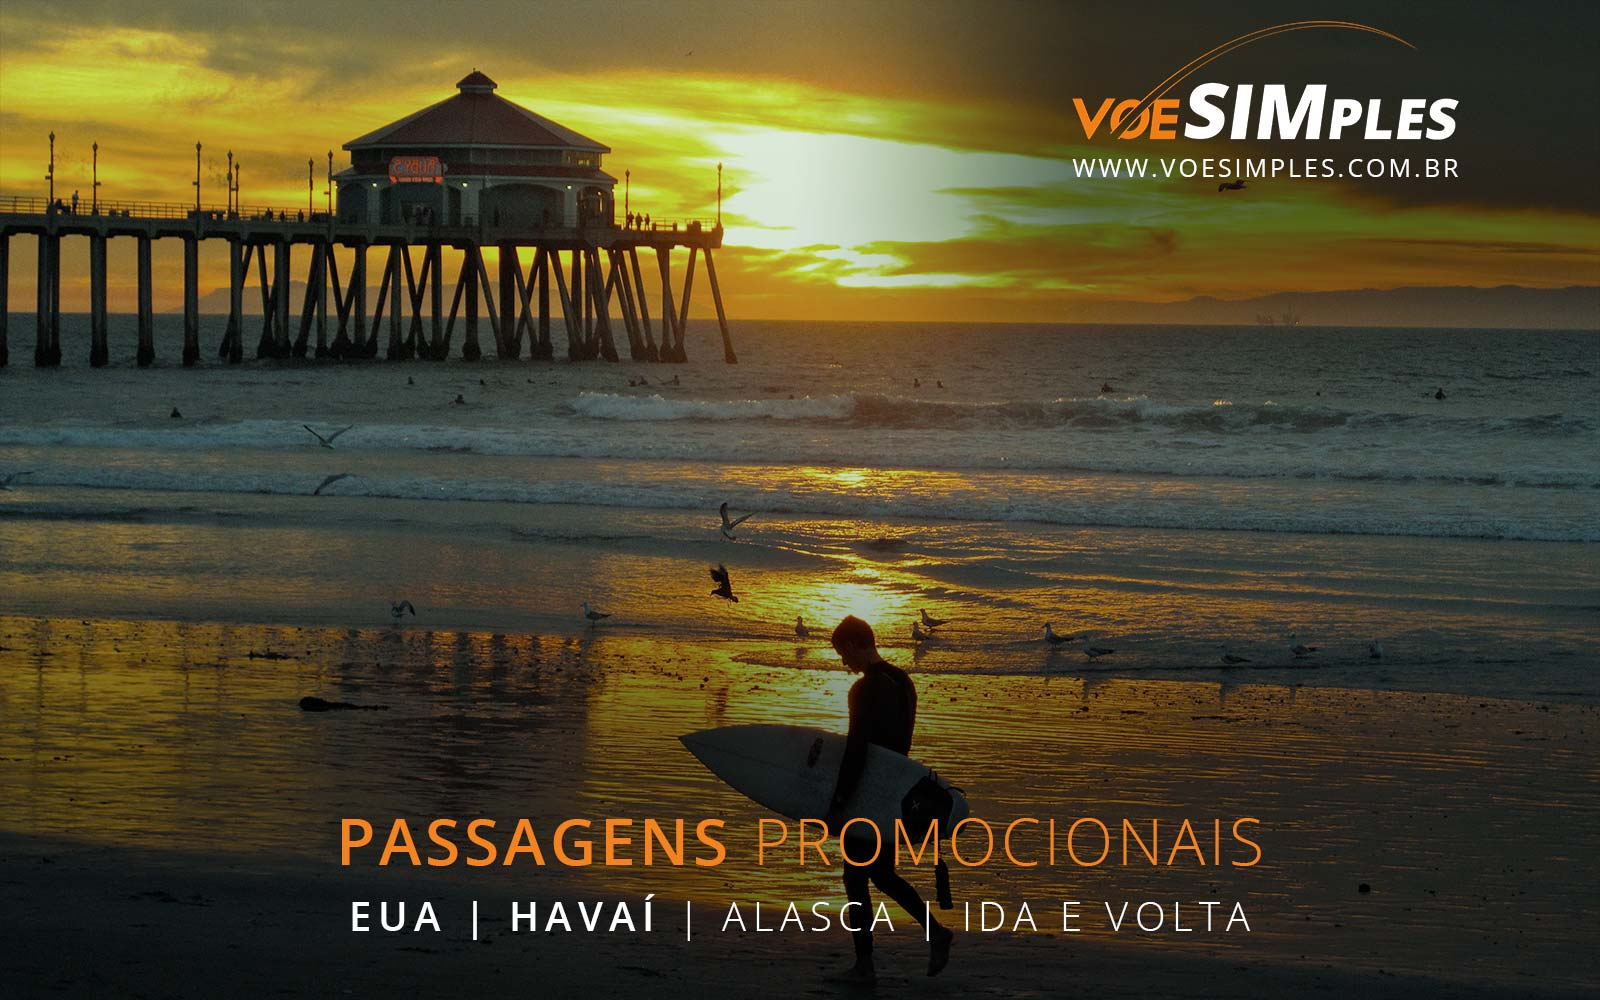 Promoção de passagens aéreas para o Havaí e Alasca nos Estados Unidos